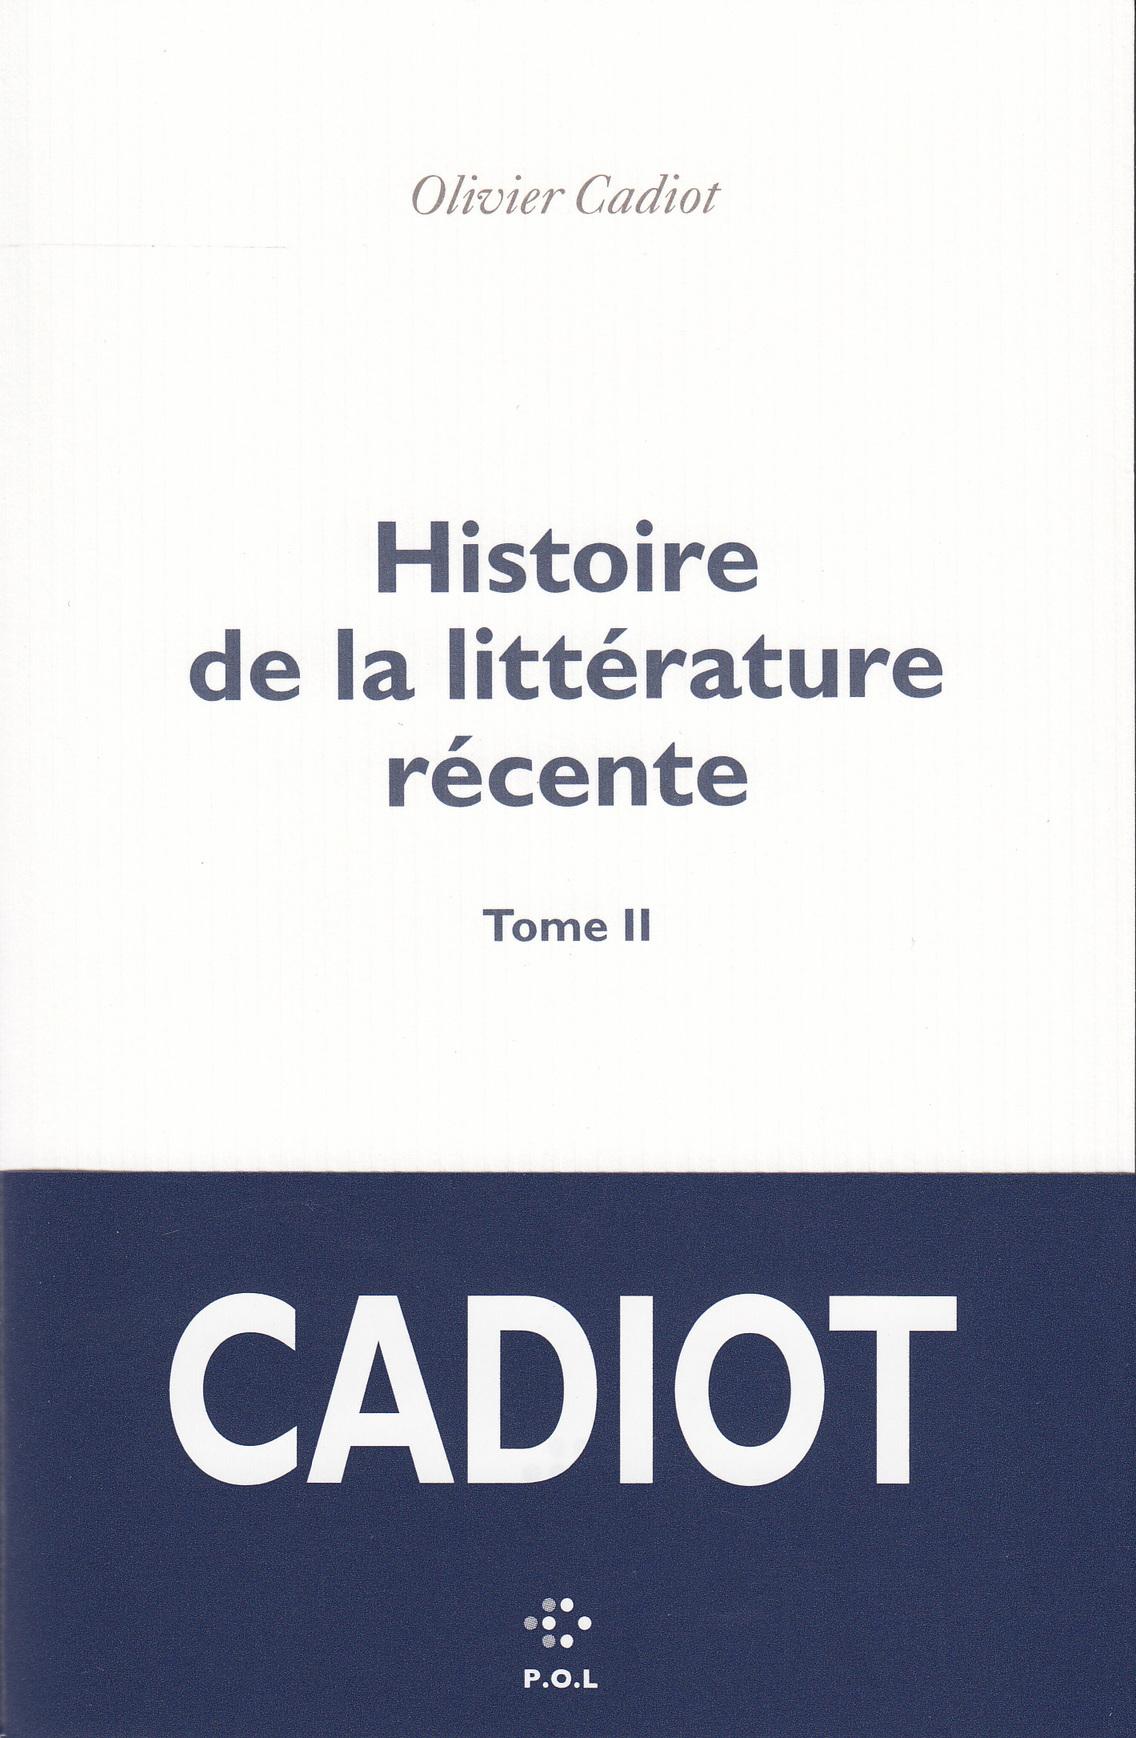 HISTOIRE DE LA LITTERATURE RECENTE (TOME 2)